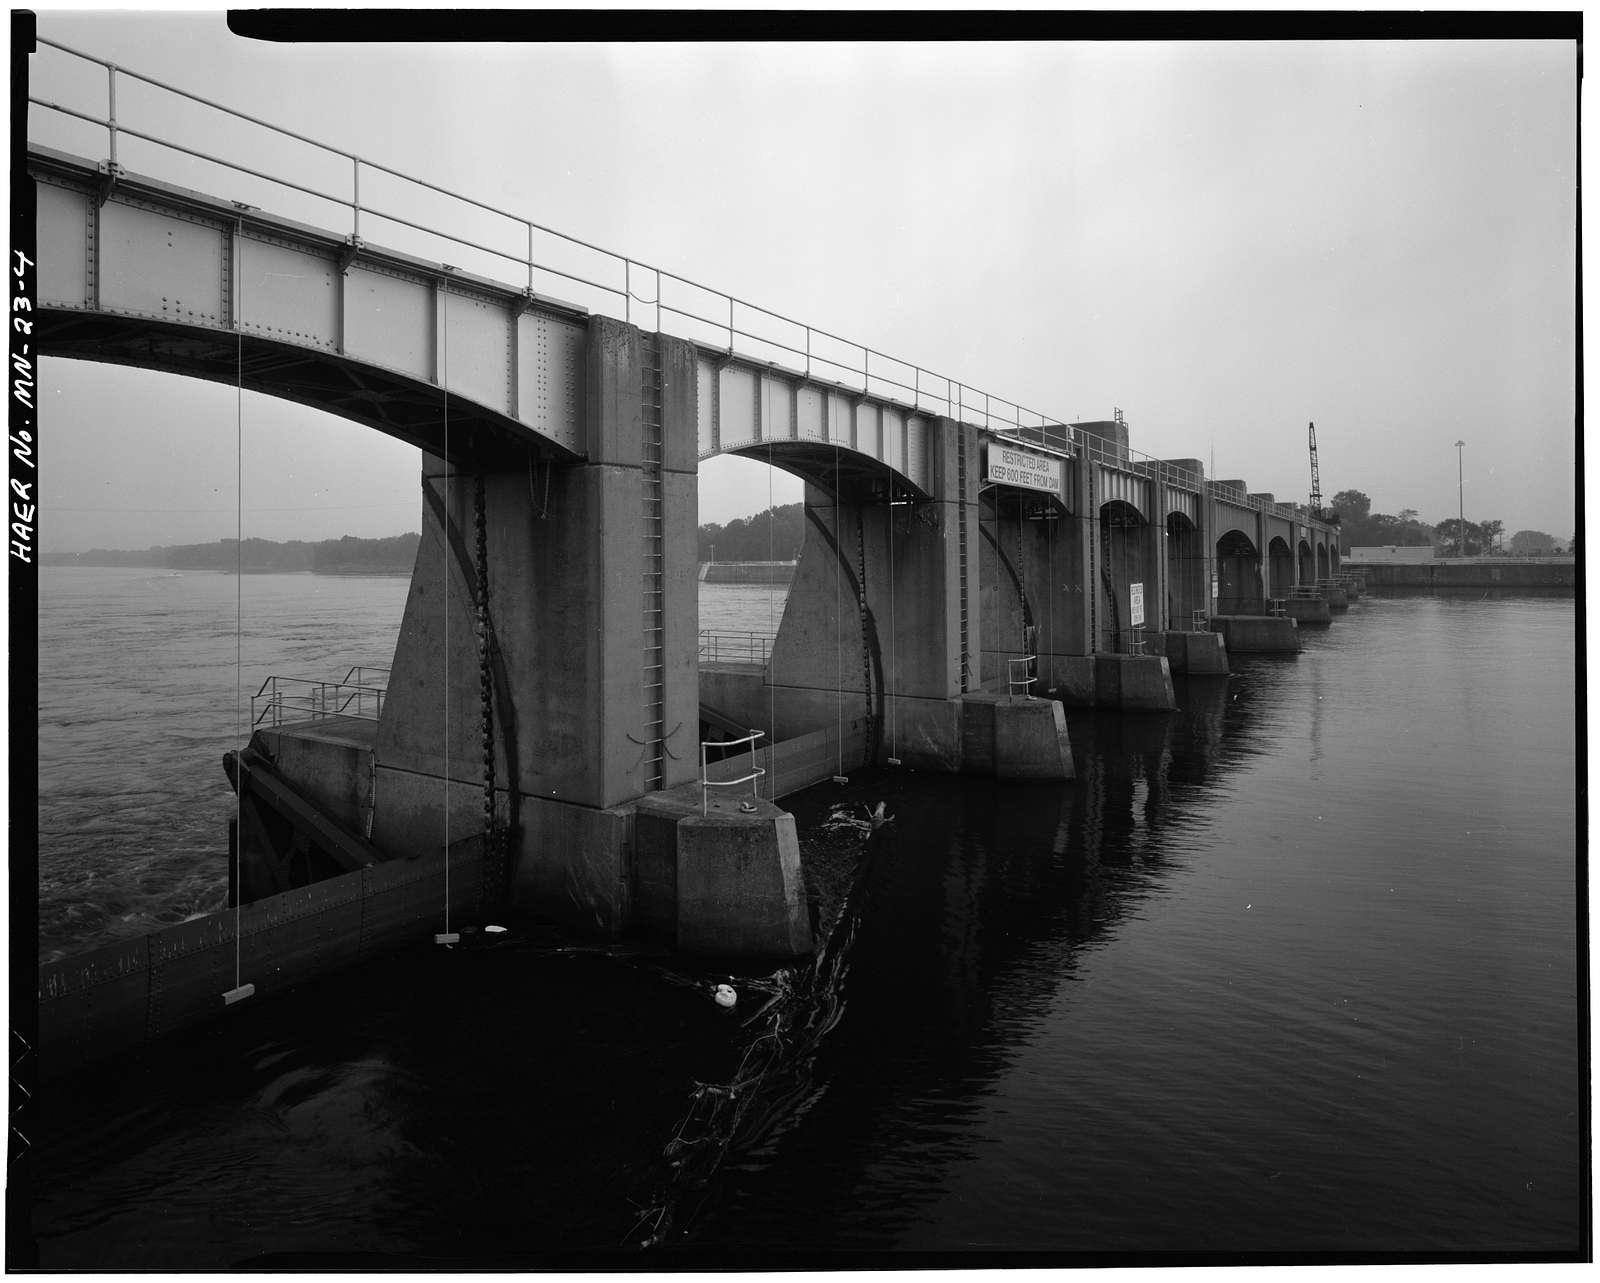 Upper Mississippi River 9-Foot Channel Project, Lock & Dam No. 5A, Winona, Winona County, MN